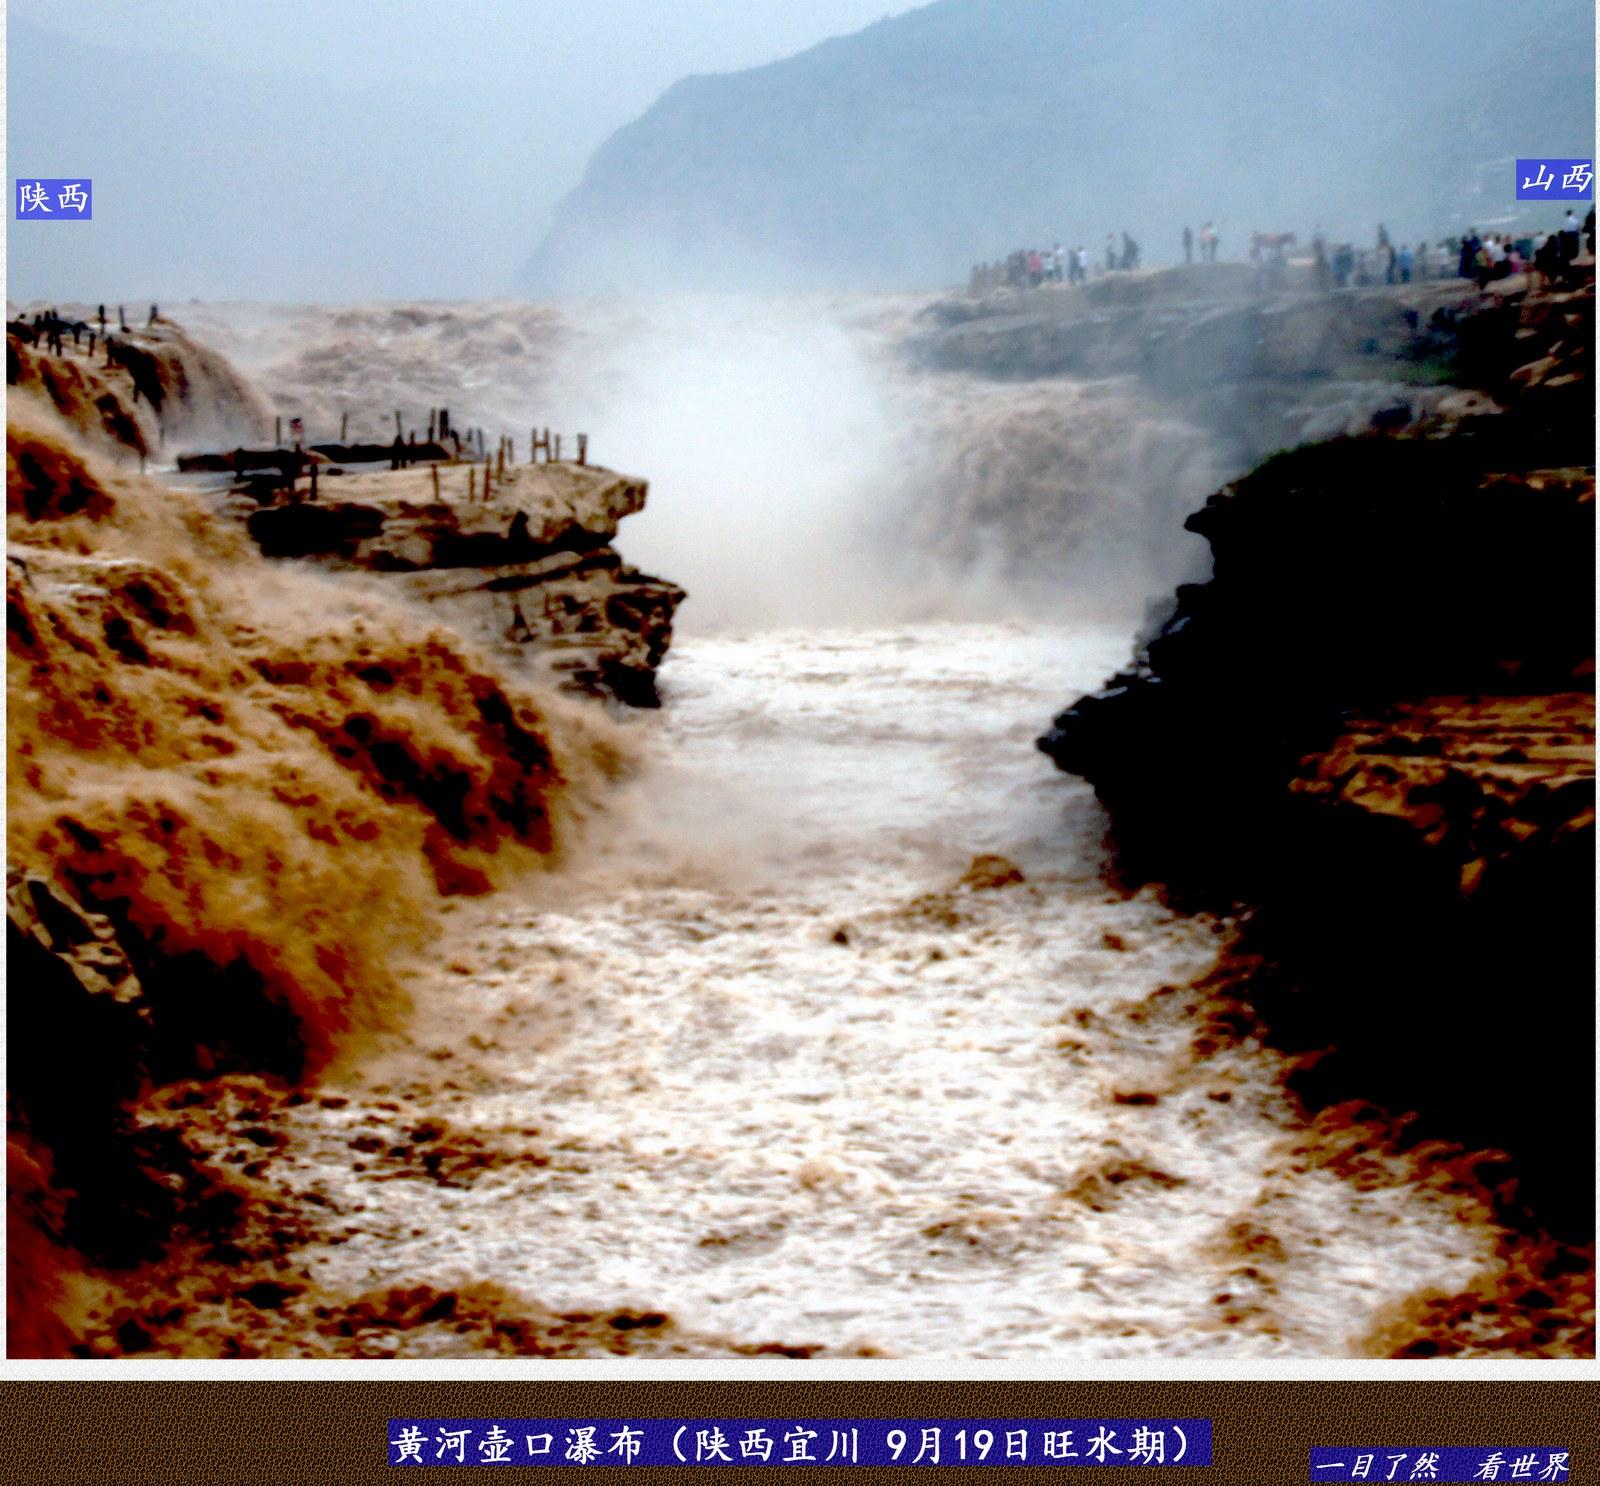 黄河壶口瀑布-004-1600.jpg